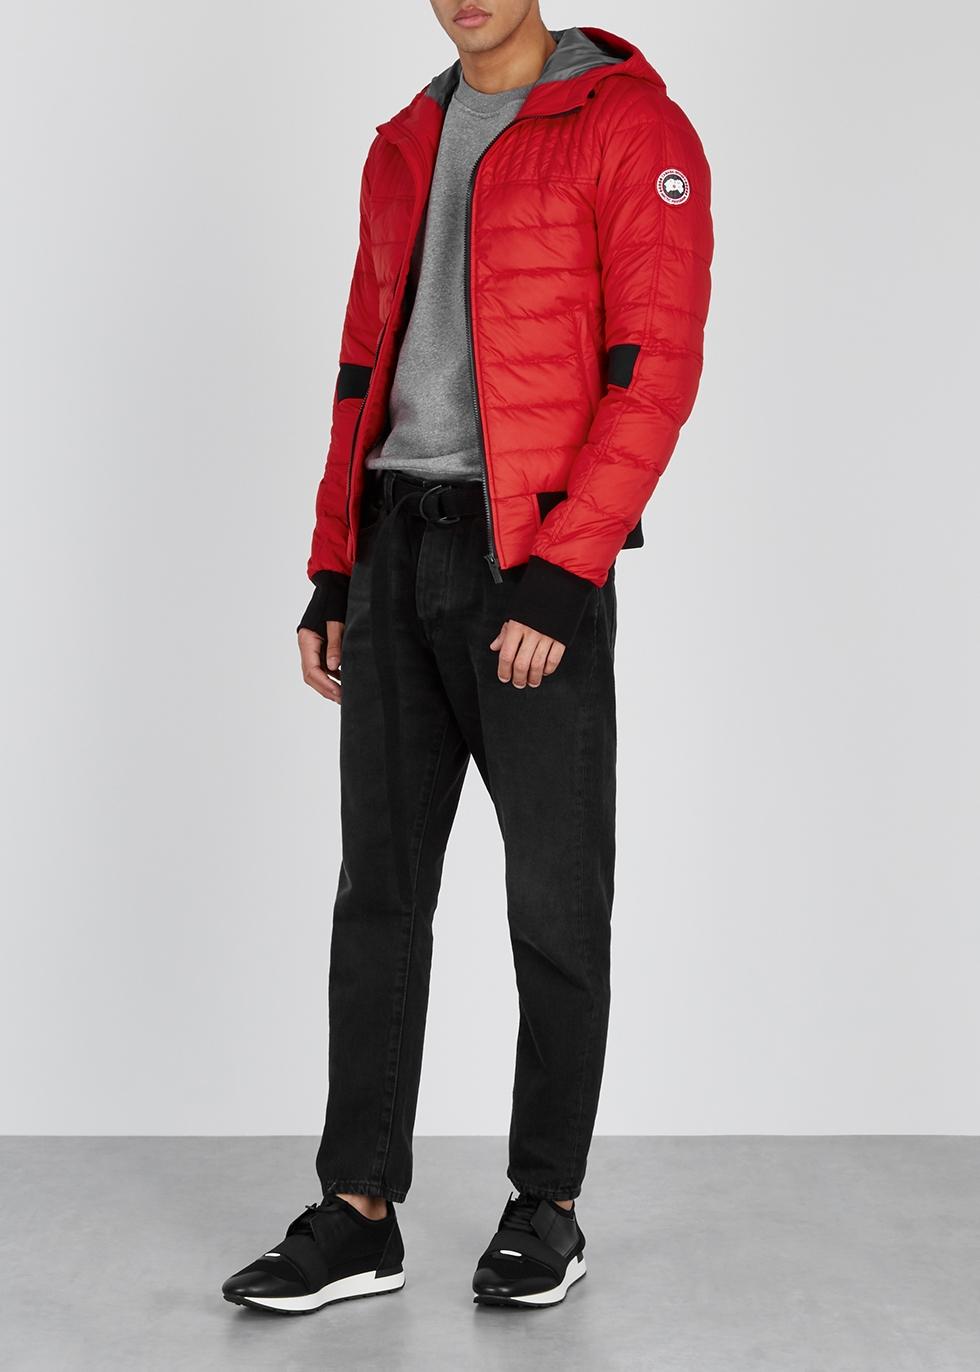 298c0f20401 Canada Goose - Designer Jackets & Coats - Harvey Nichols